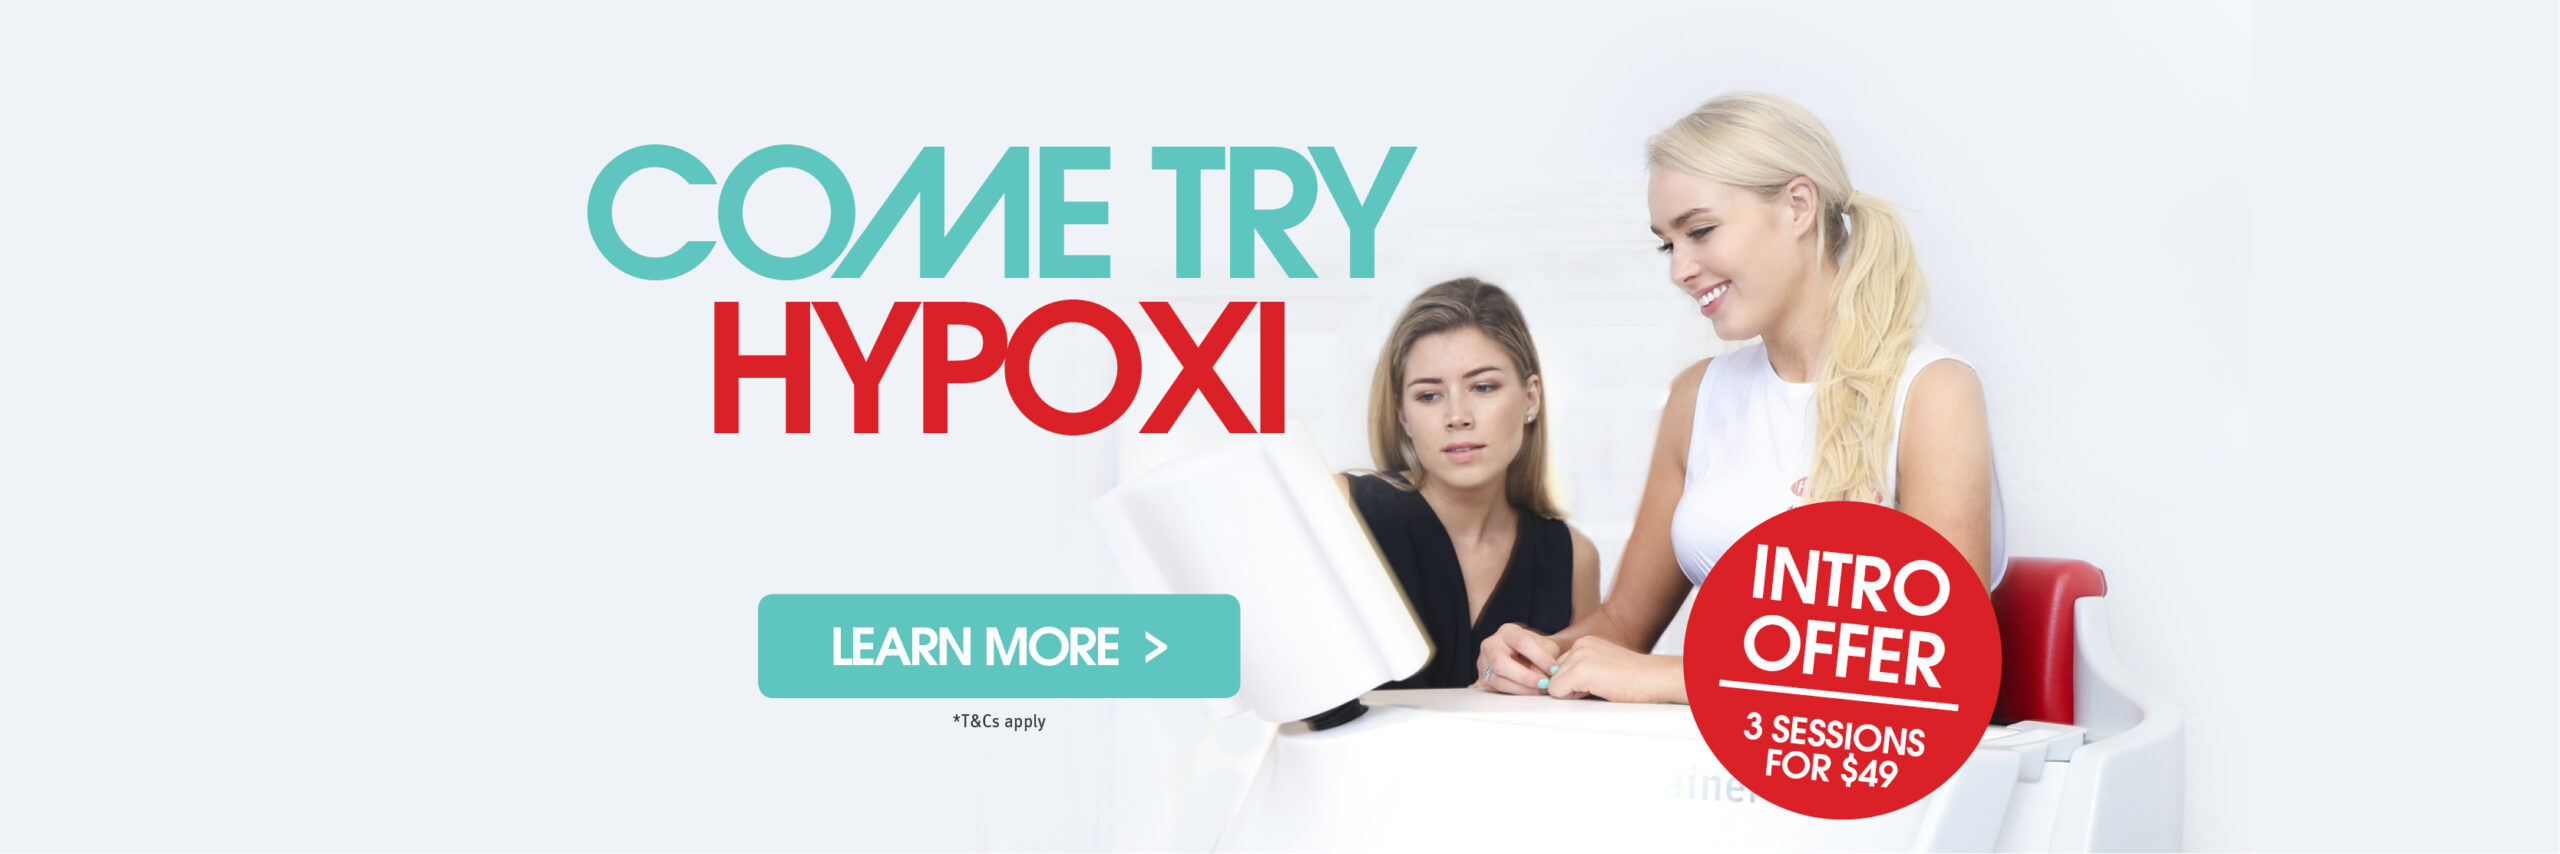 Hypoxi Keiloreast